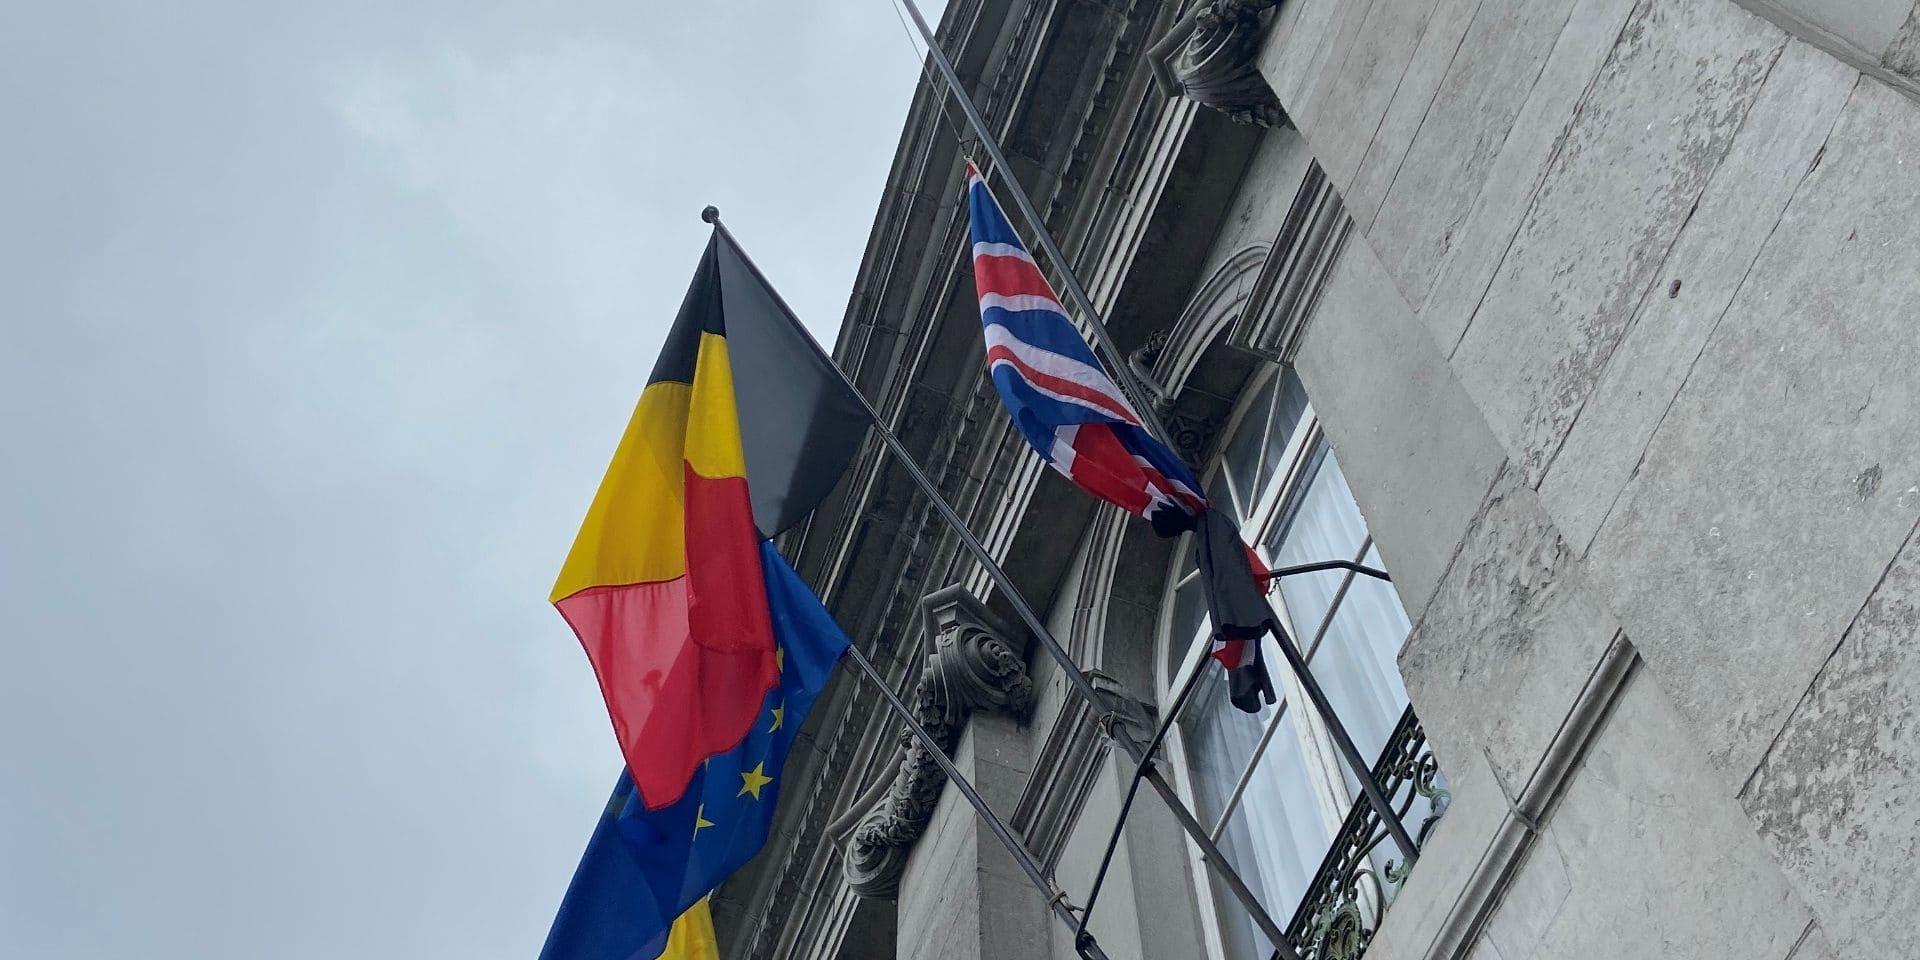 Le drapeau du Royaume-Uni en berne à l'hôtel de ville de Tournai